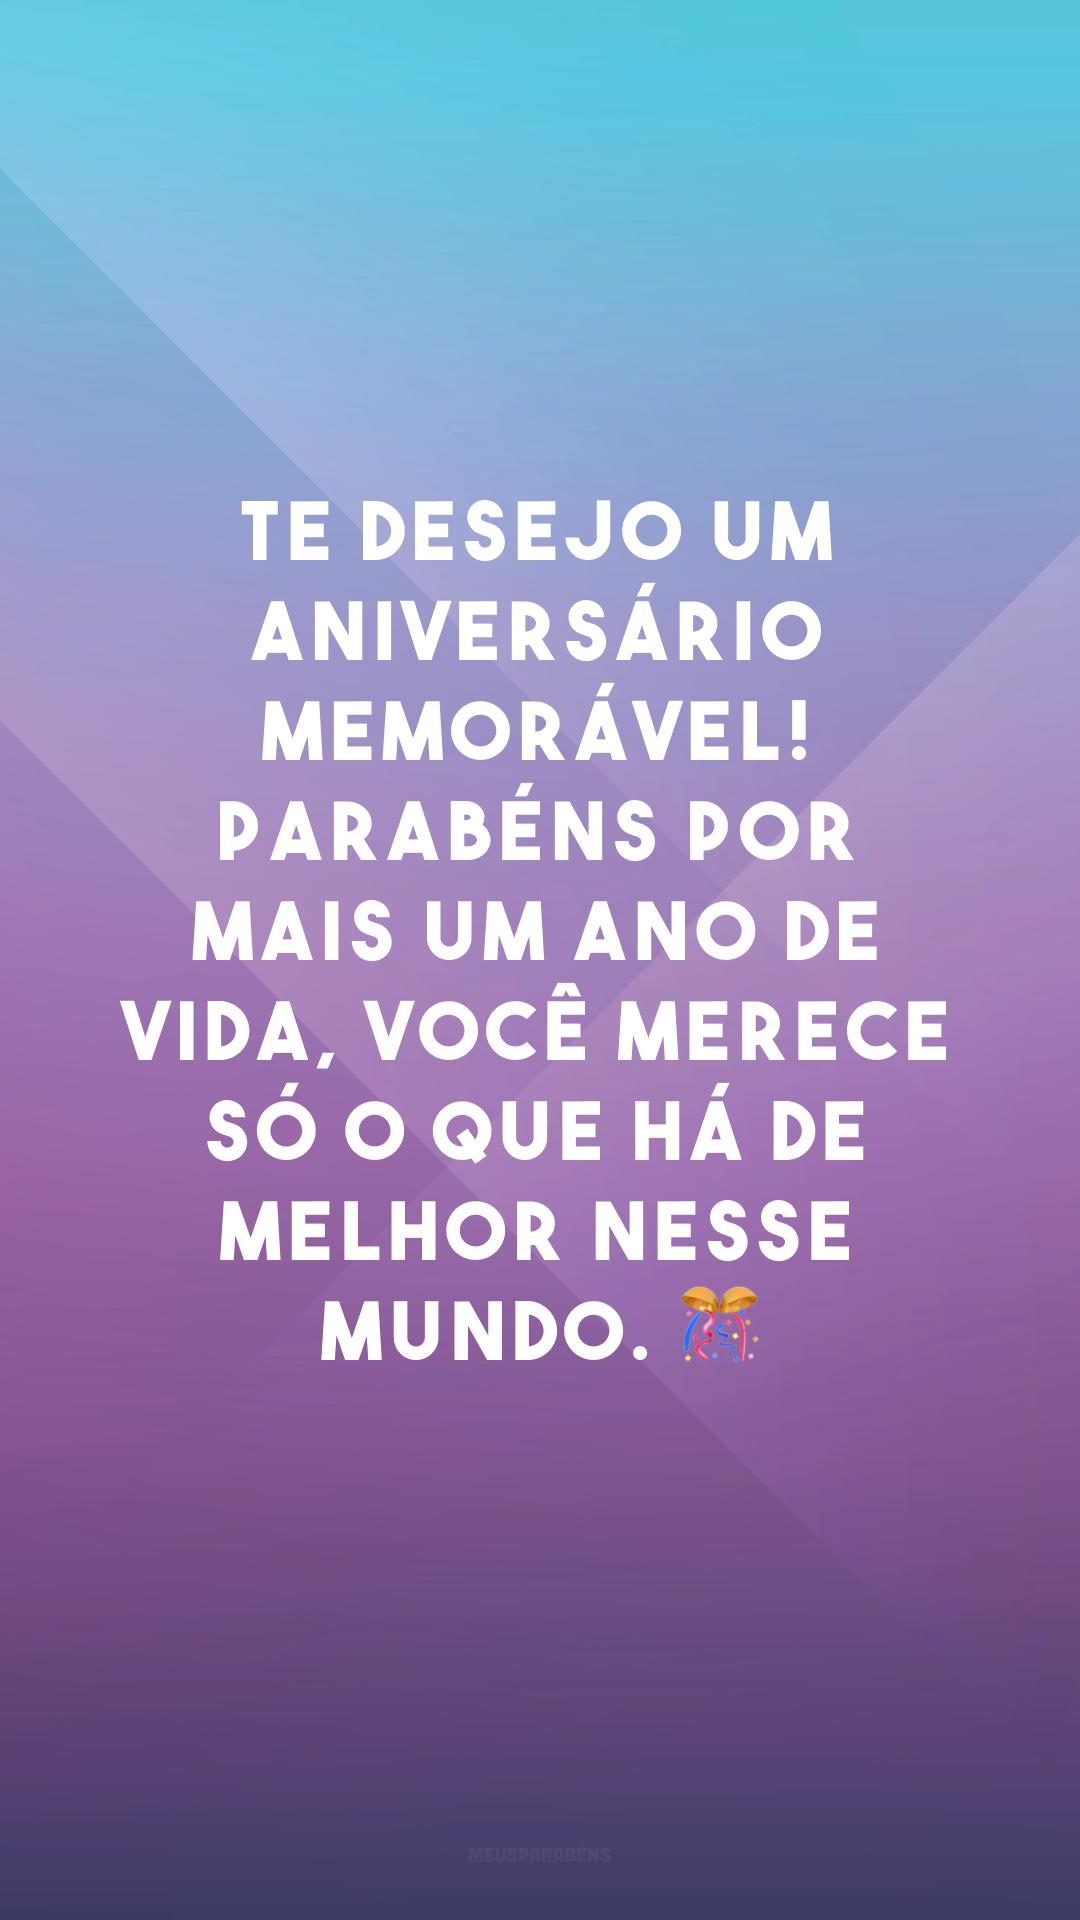 Te desejo um aniversário memorável! Parabéns por mais um ano de vida, você merece só o que há de melhor nesse mundo. 🎊